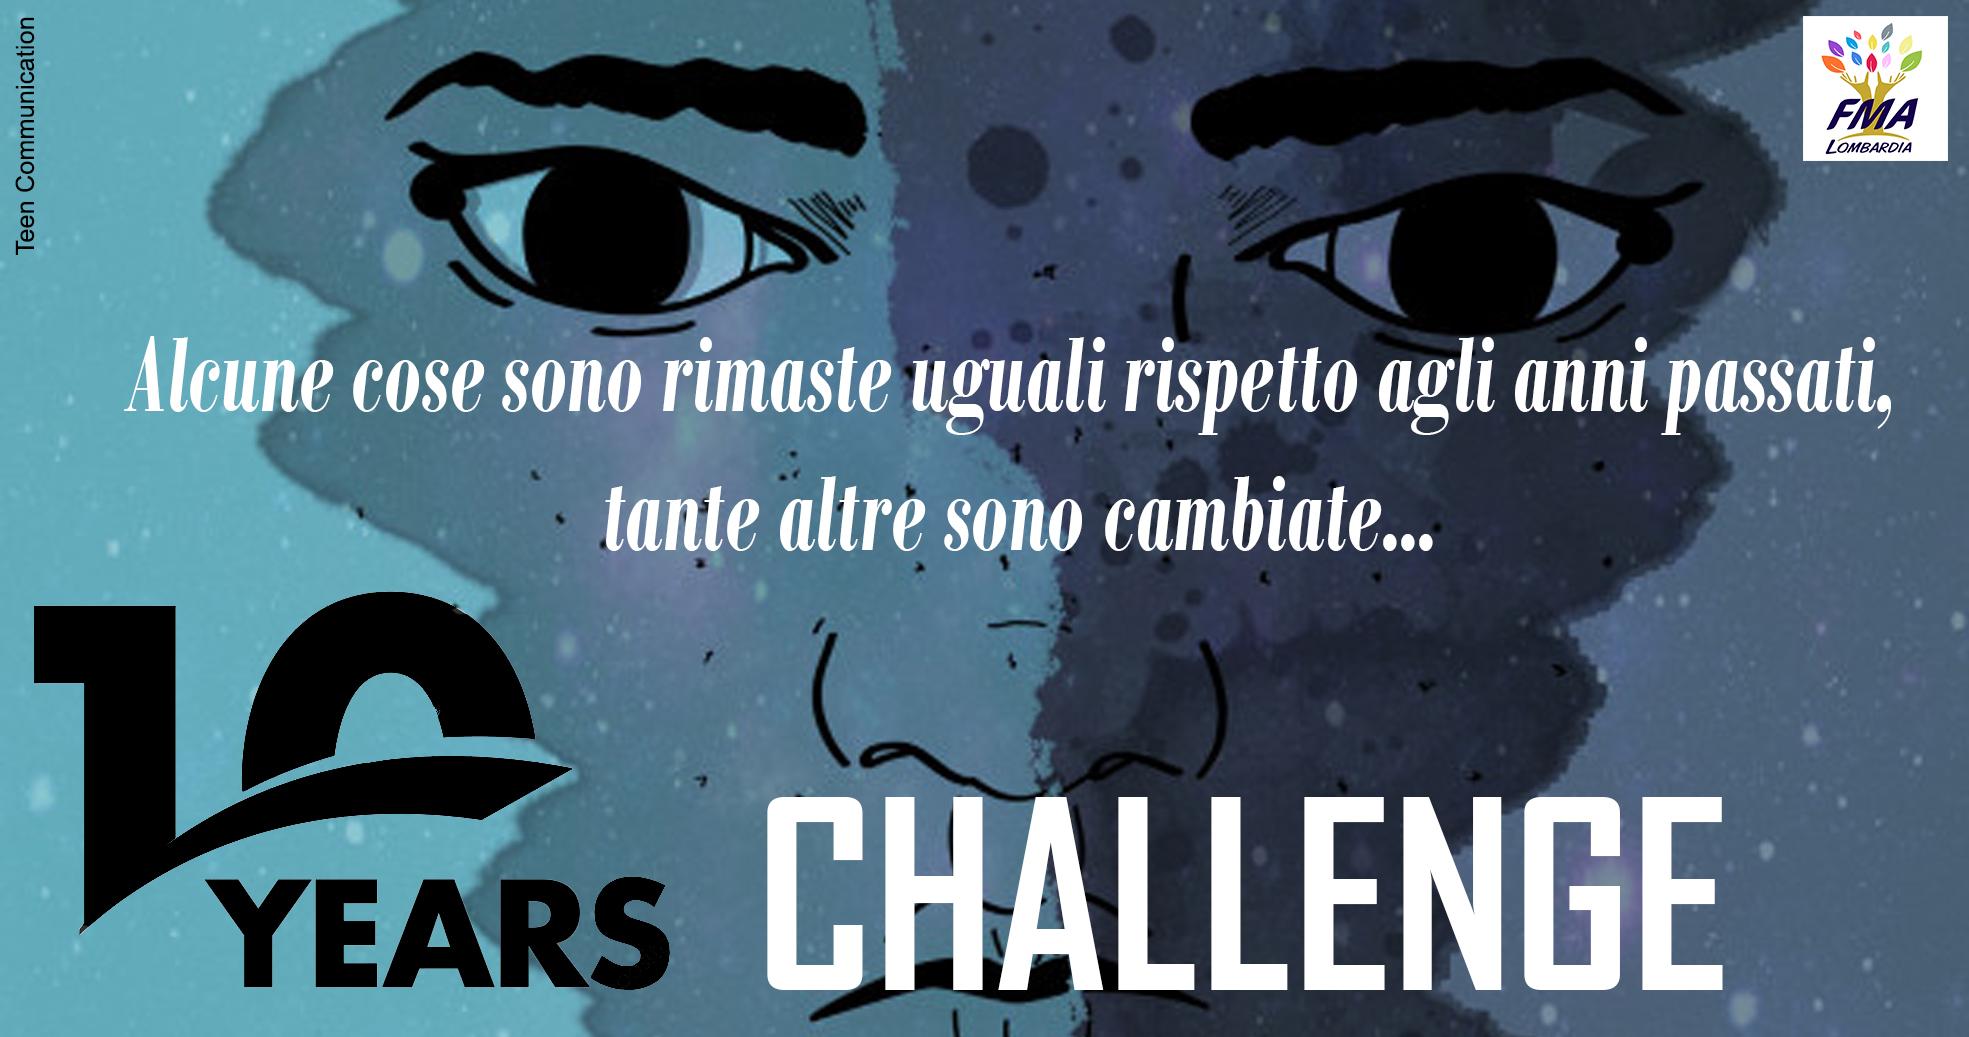 La 10 years challenge